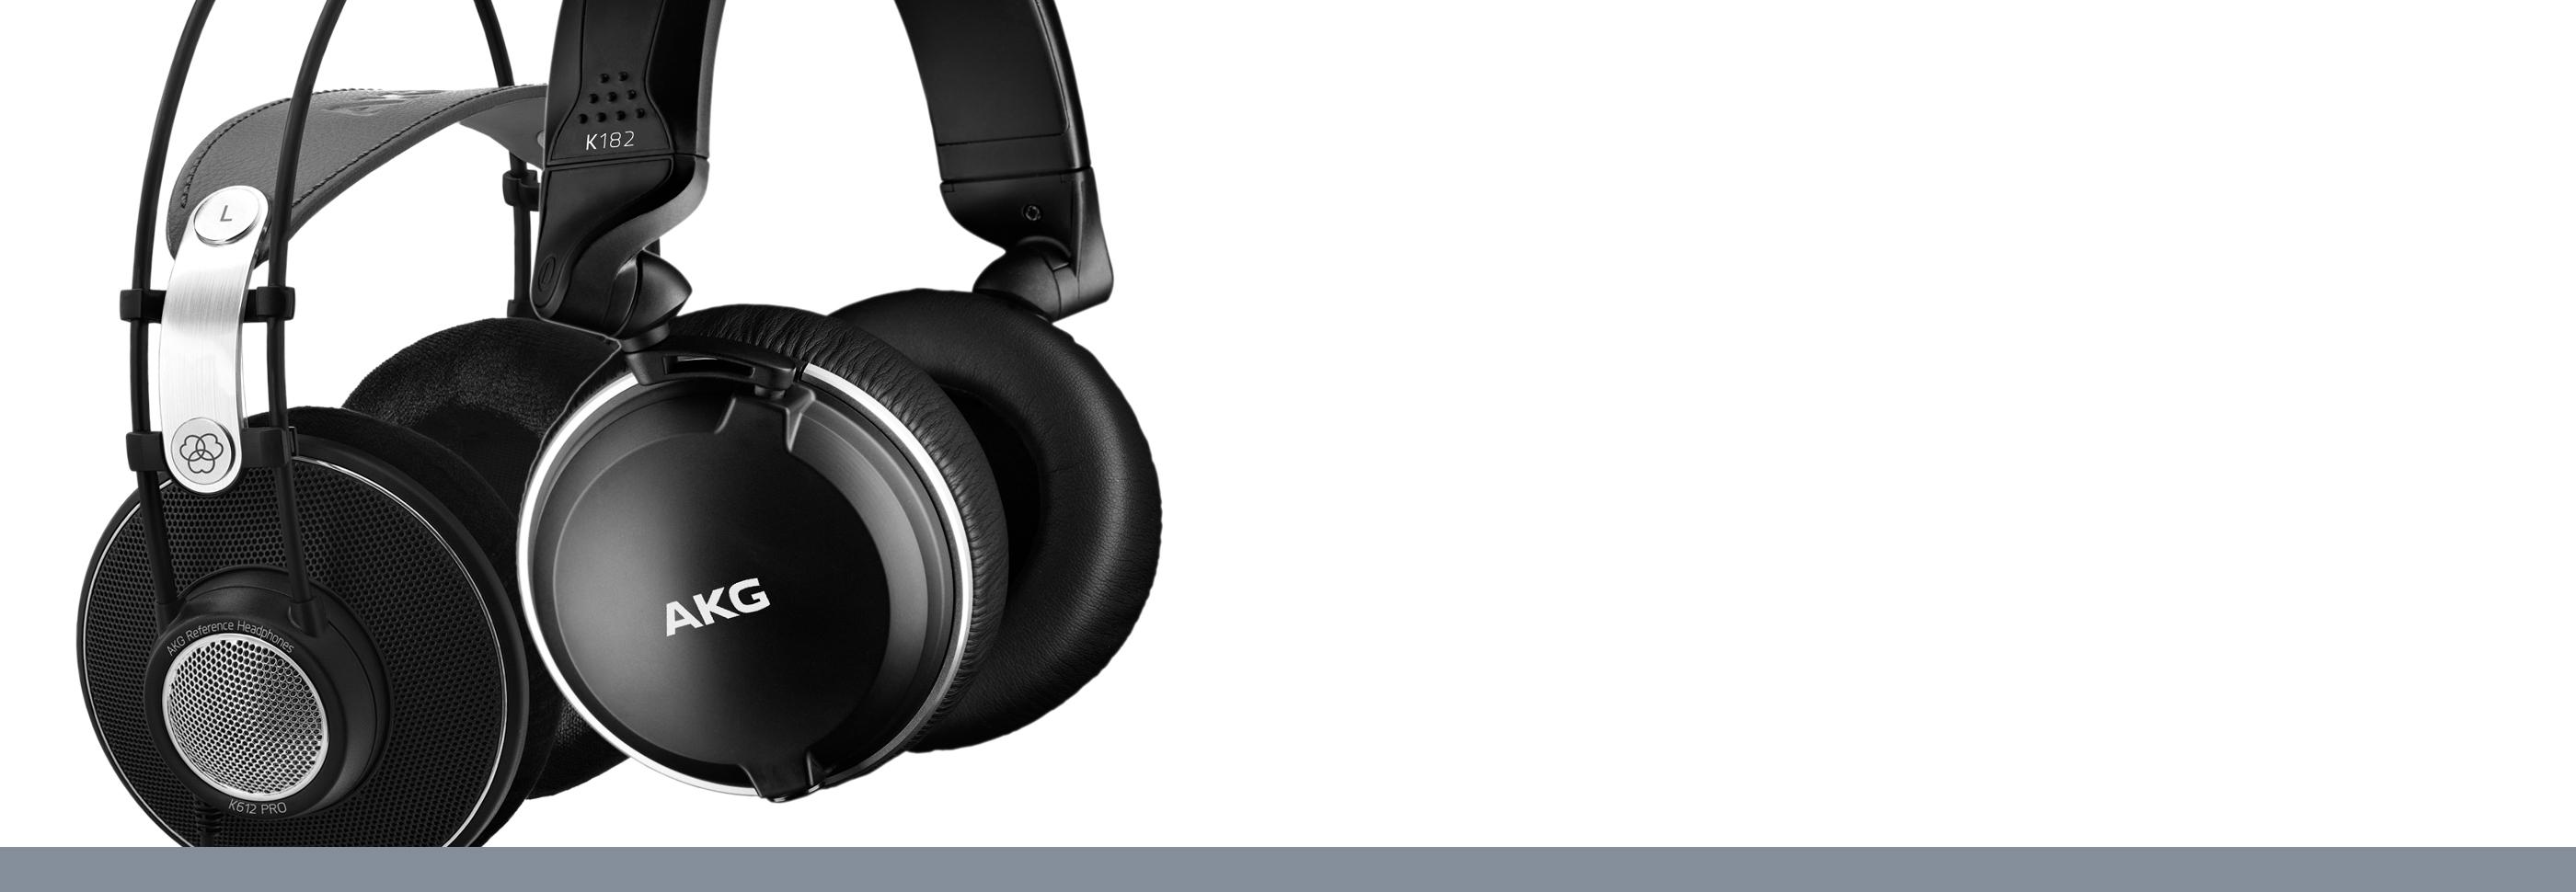 heighten your headphone experience